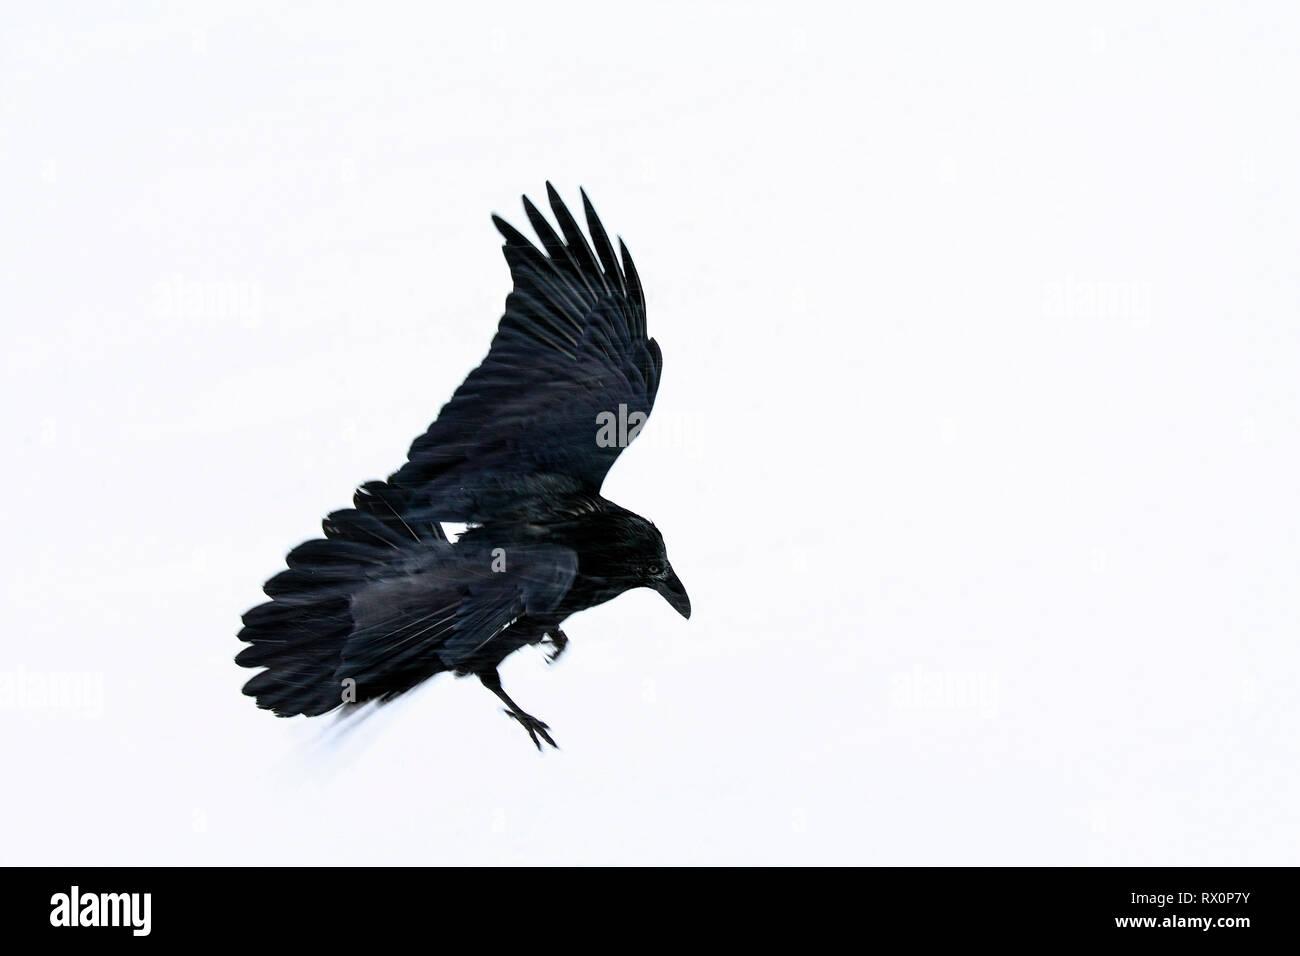 40,524.02030 - Dieses schöne große schwarze Vogel im Schneesturm Fliegen ist ein Rabe (Corvus Corax, Corvidae - in der Nähe der 20' langen, Schnabel bis zur Spitze des Schwanzes), Jasper Stockbild